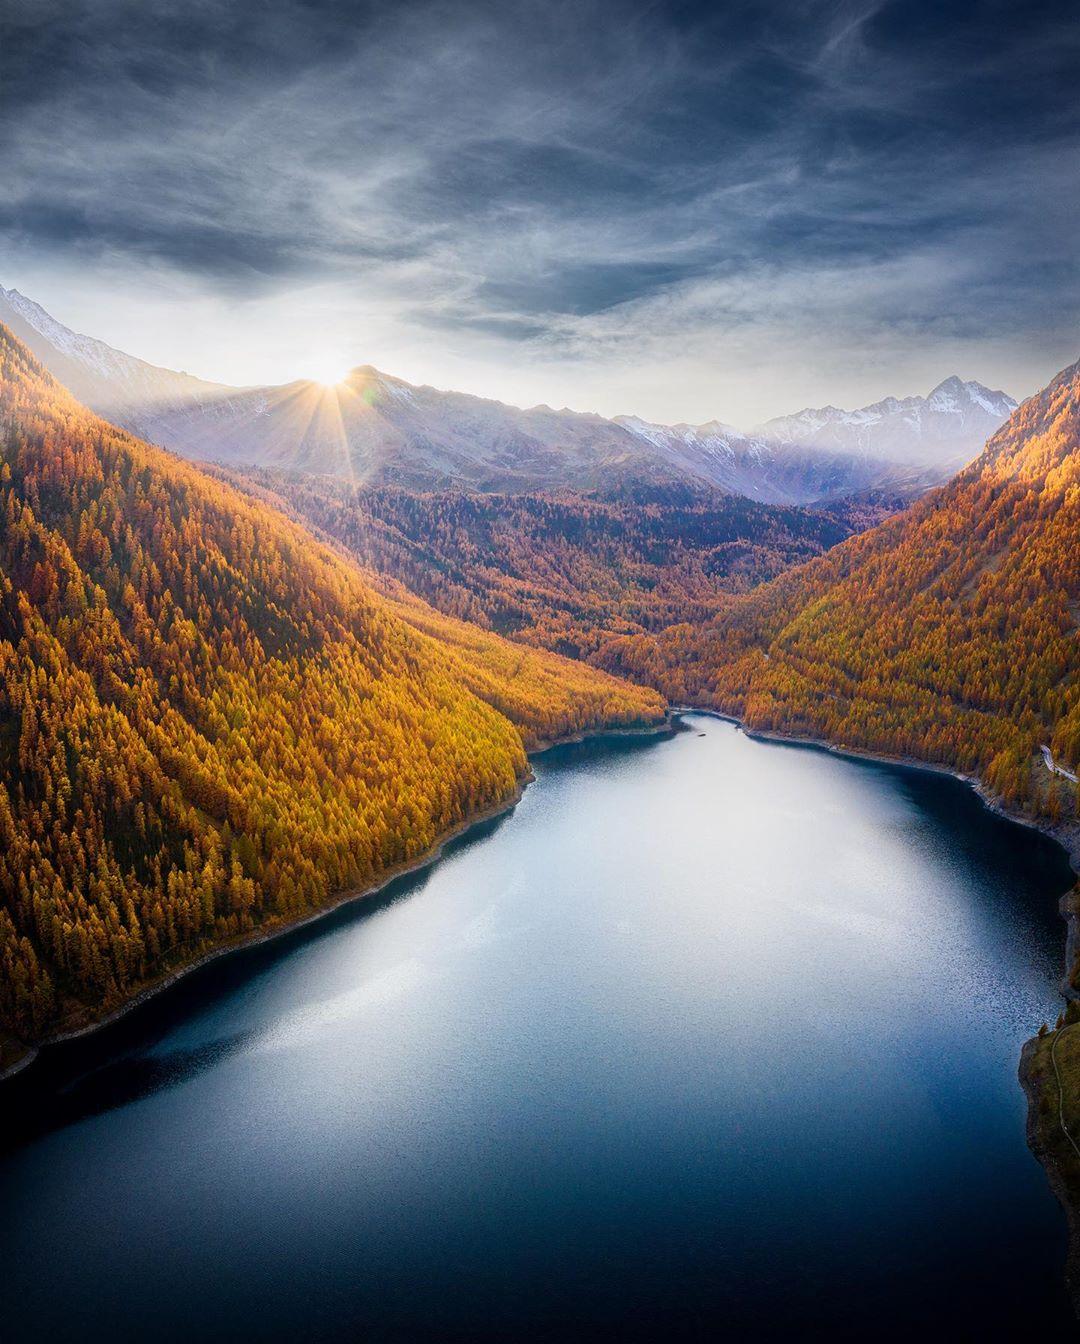 Пейзажи и путешествия на снимках Ричарда Эйгенхеера